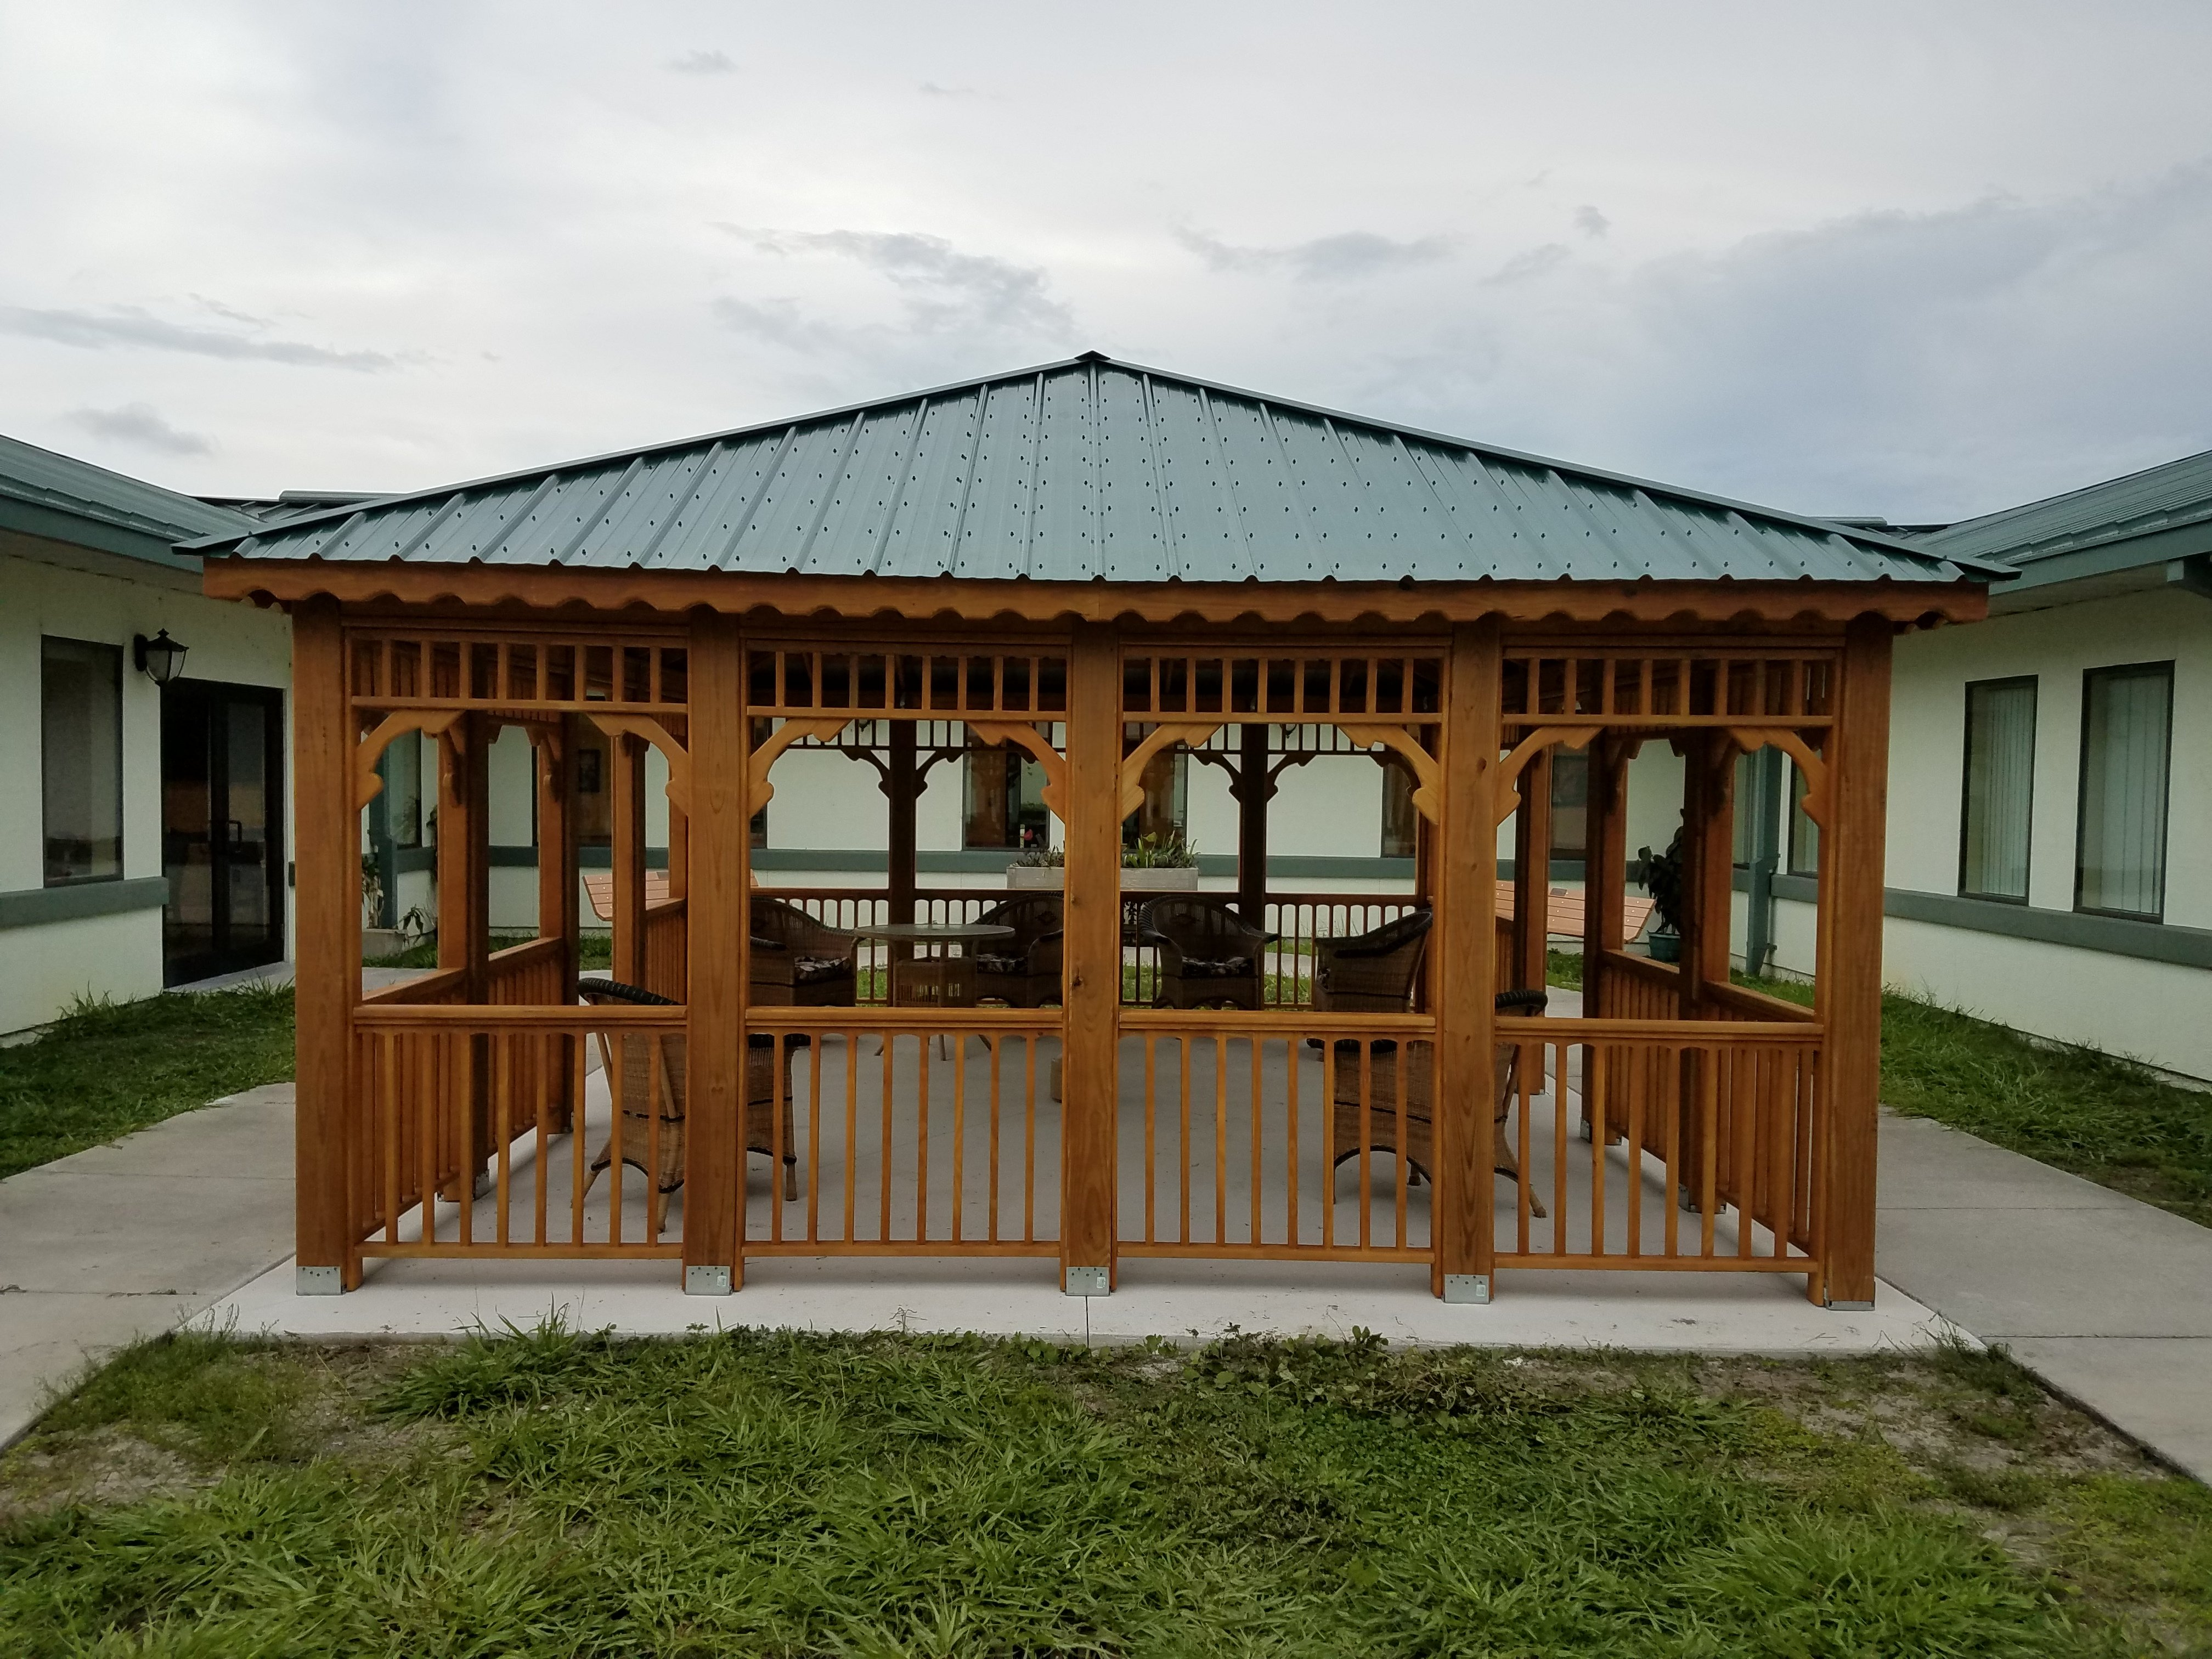 16x20 Hip Roof Pavilion at Moosehaven, Orange Park Florida